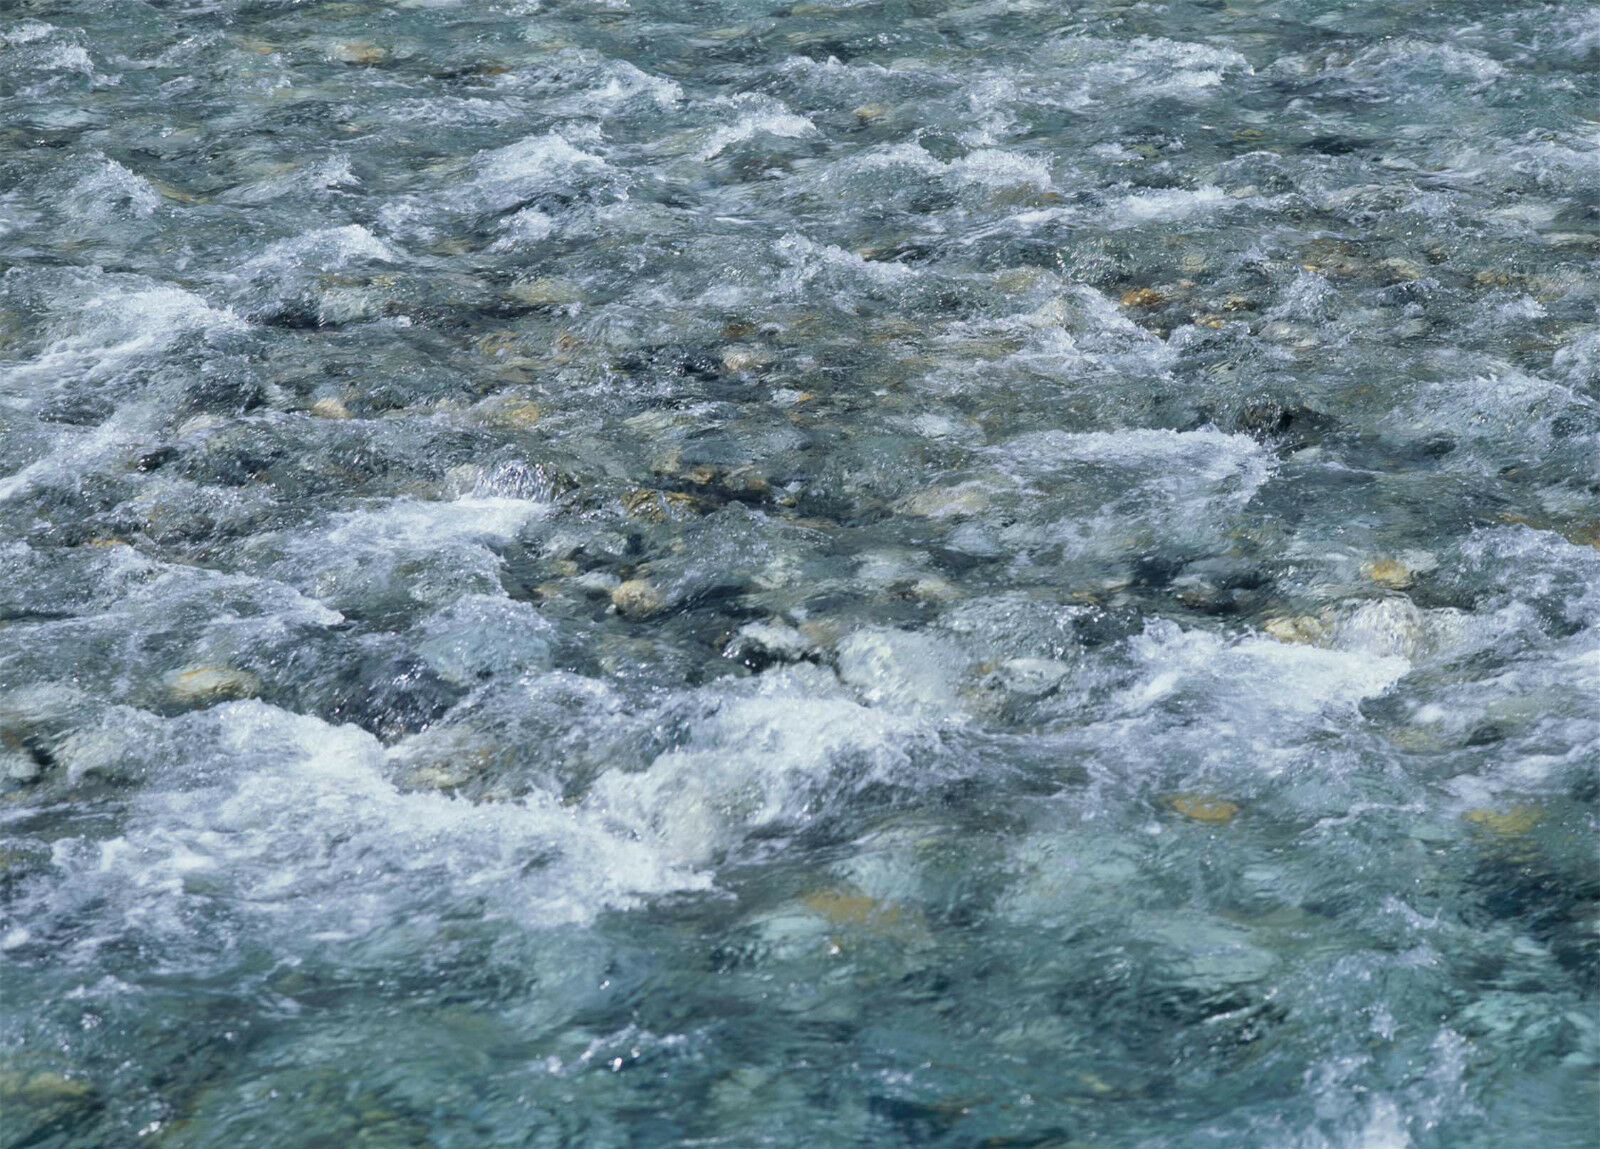 3D Rivière Qui Coule 095 Décor Mural Murale De Mur Mur Mur De Cuisine AJ WALLPAPER FR | Nombreux Dans La Variété  c8f436